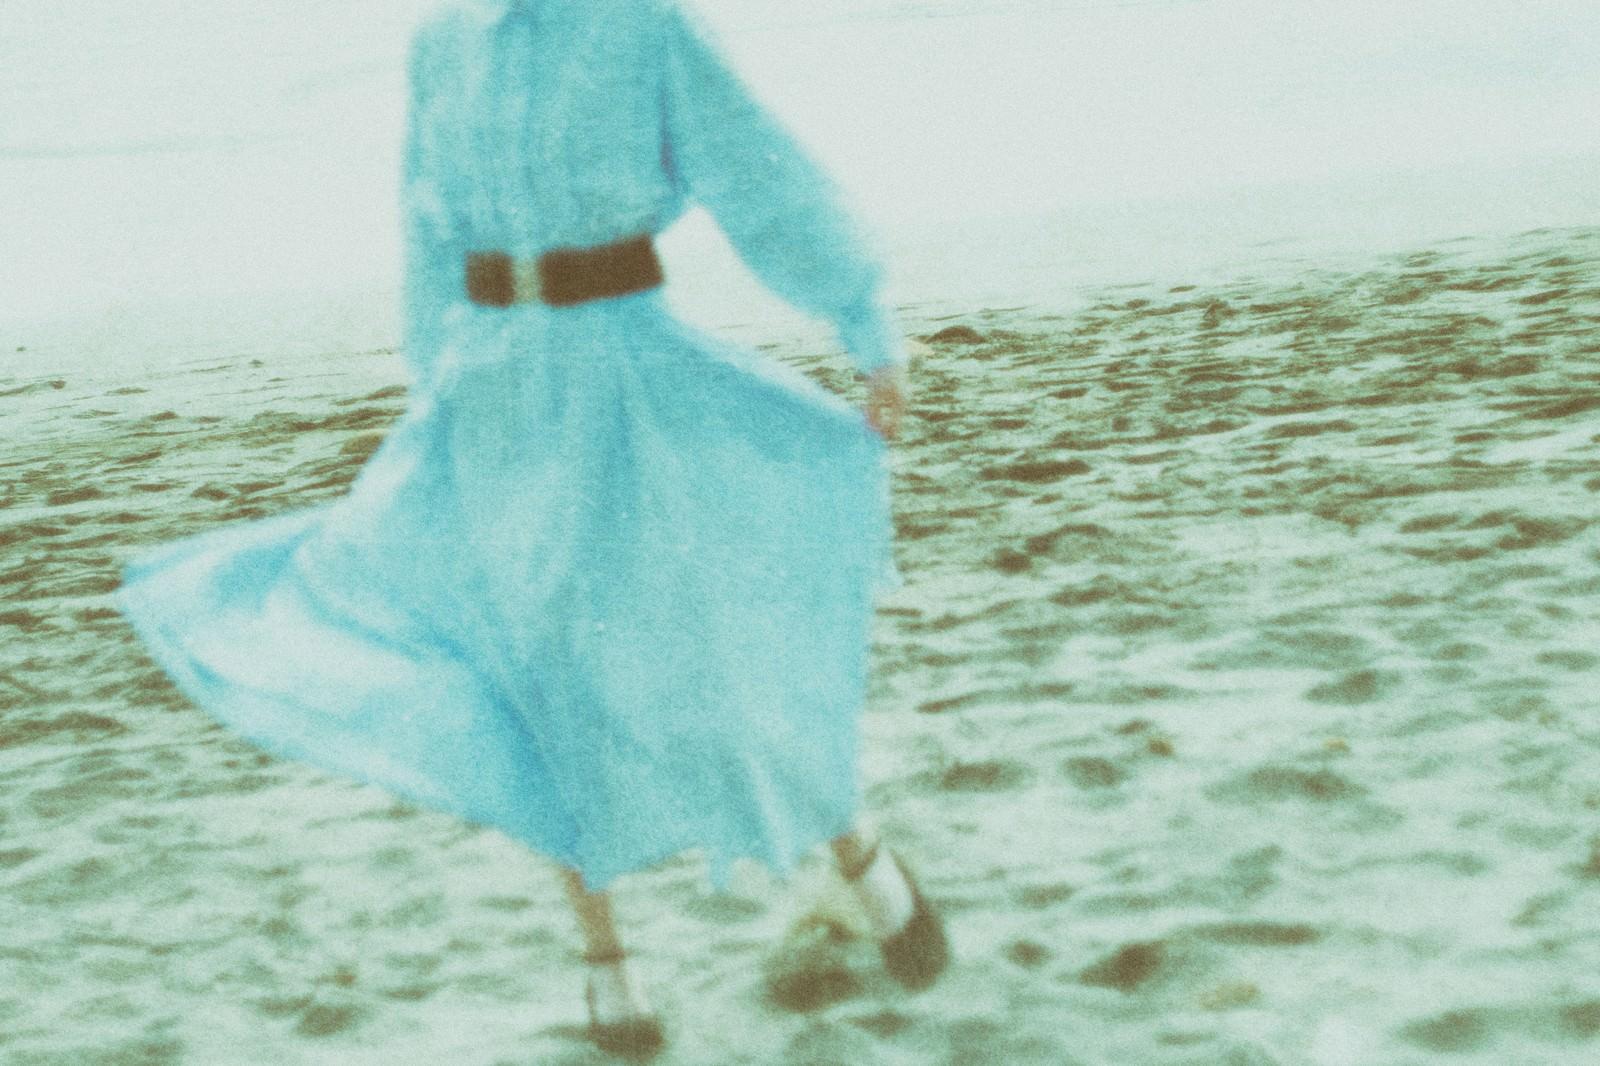 「海岸ではしゃぐ彼女との思い出」の写真